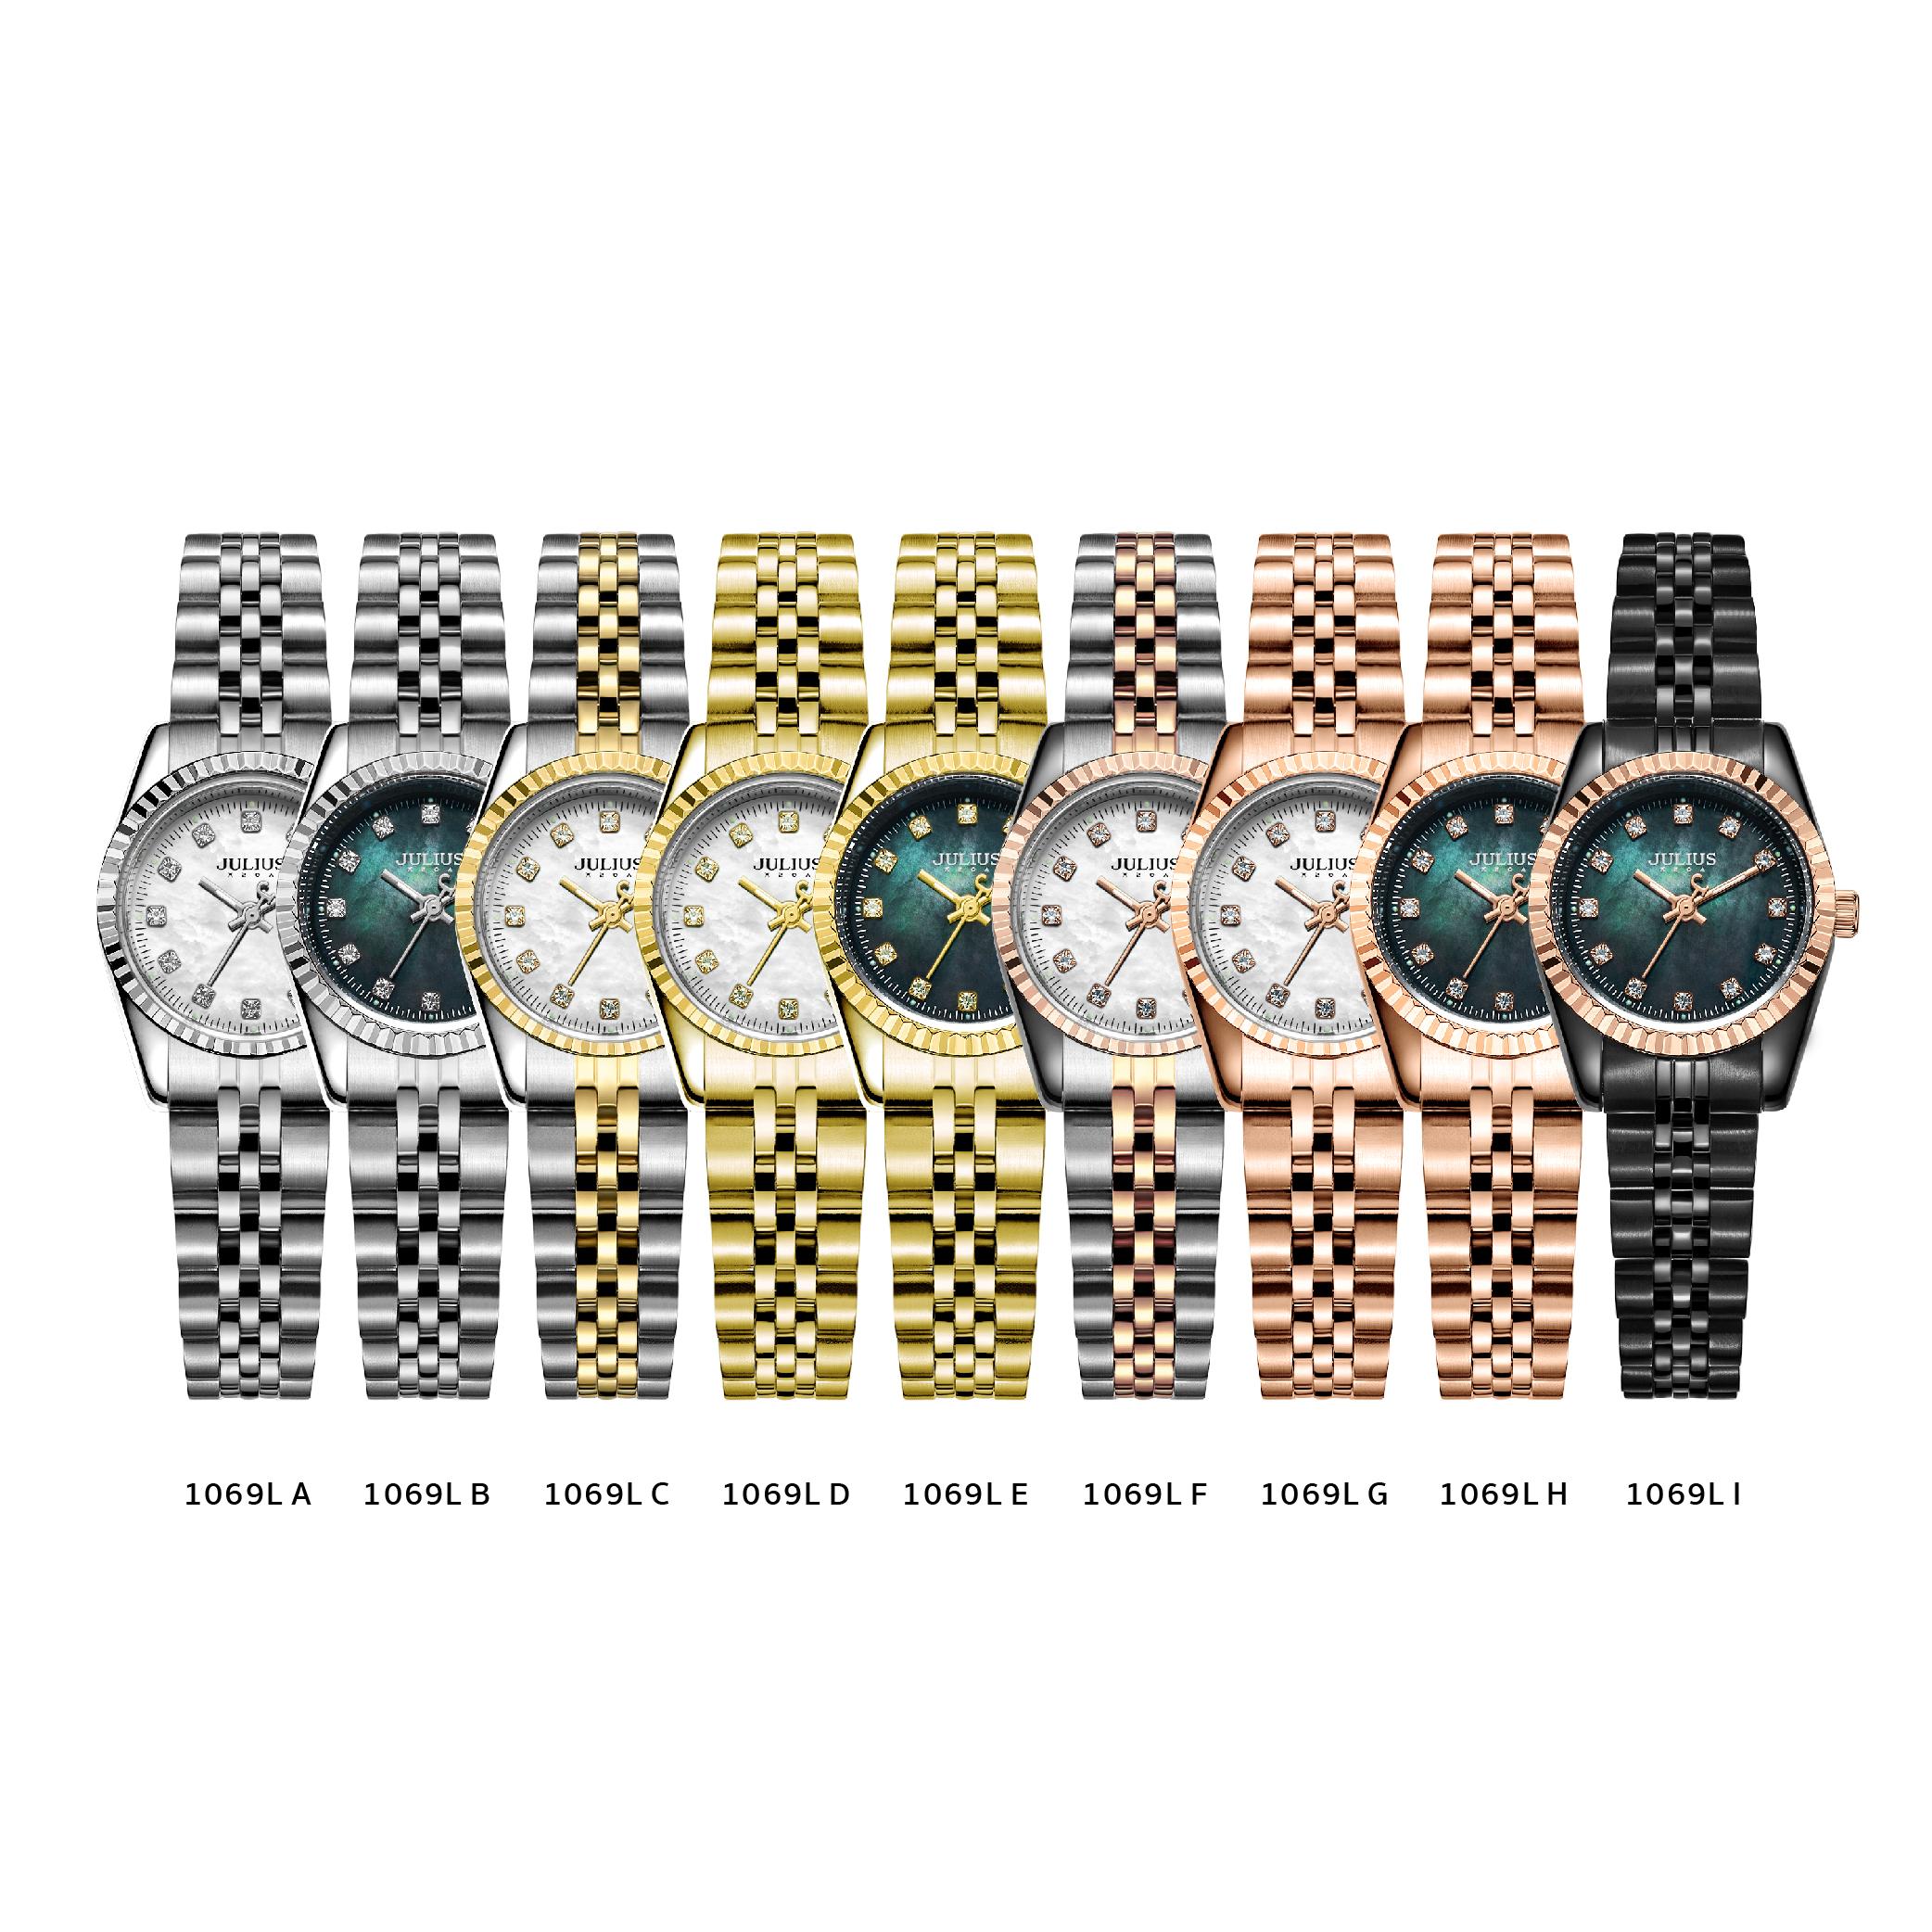 นาฬิกาข้อมือผู้หญิง JULIUS 1069L I